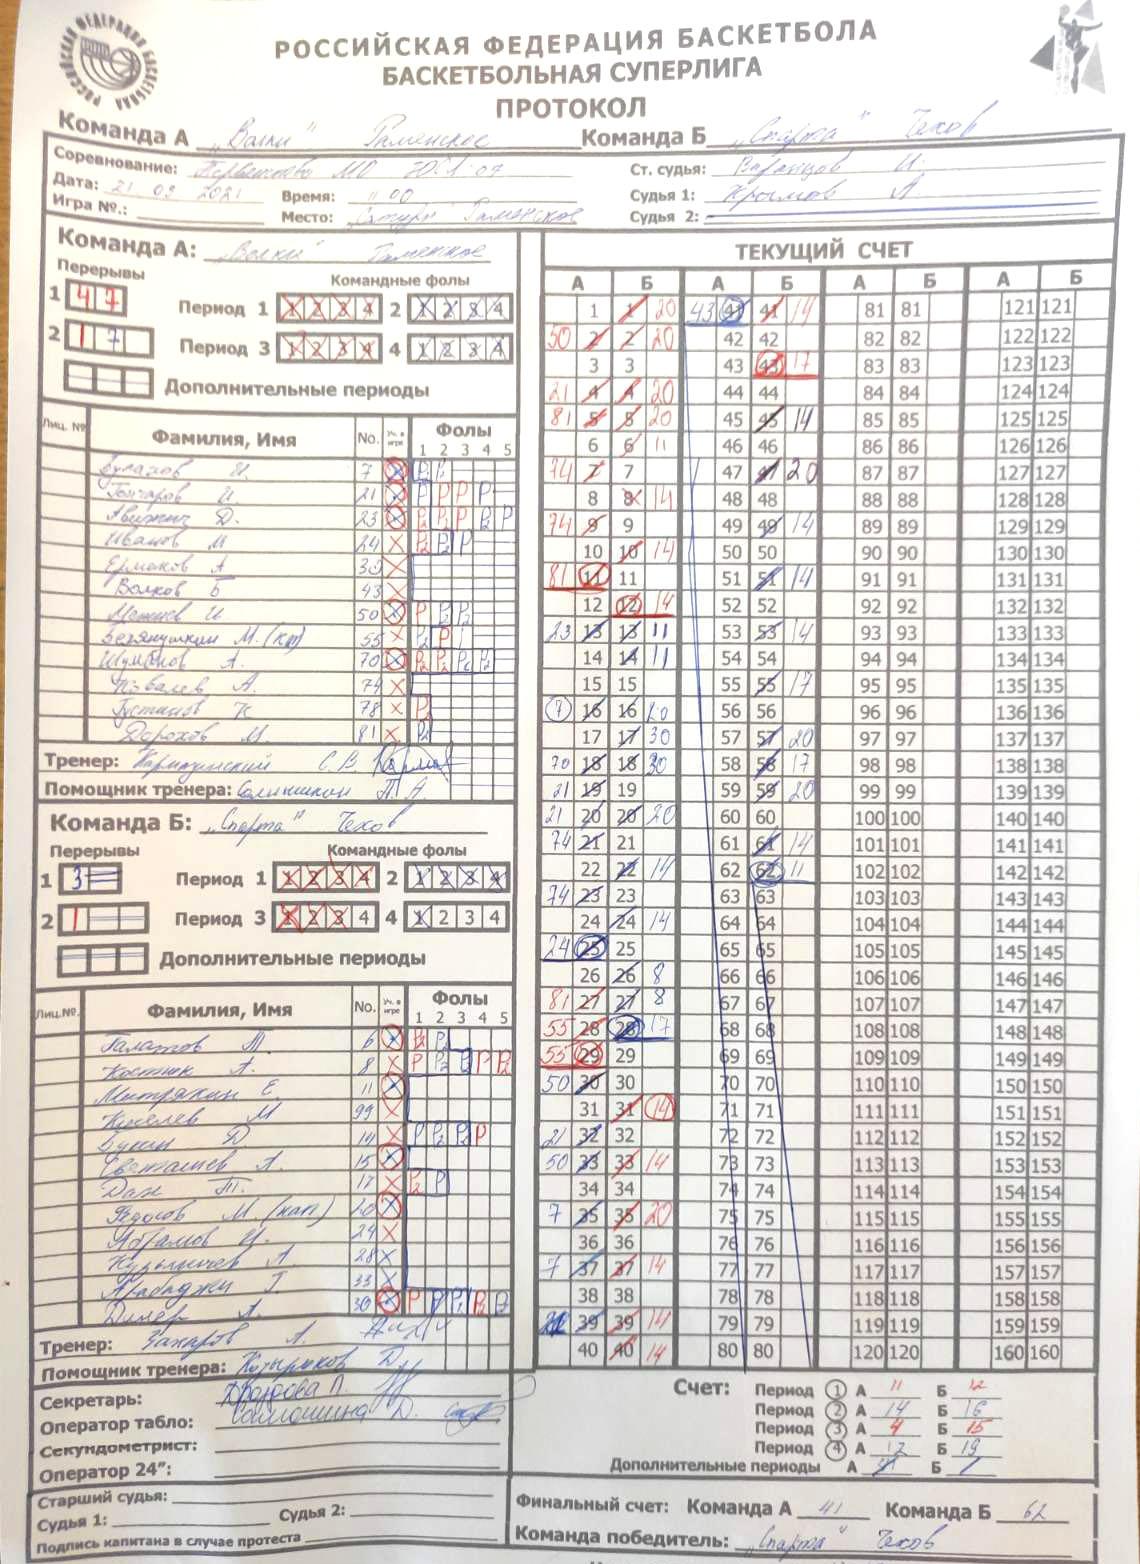 Протокол матча Волки - Чехов, СЛ МО'07, г. Раменское, 21.03.2021